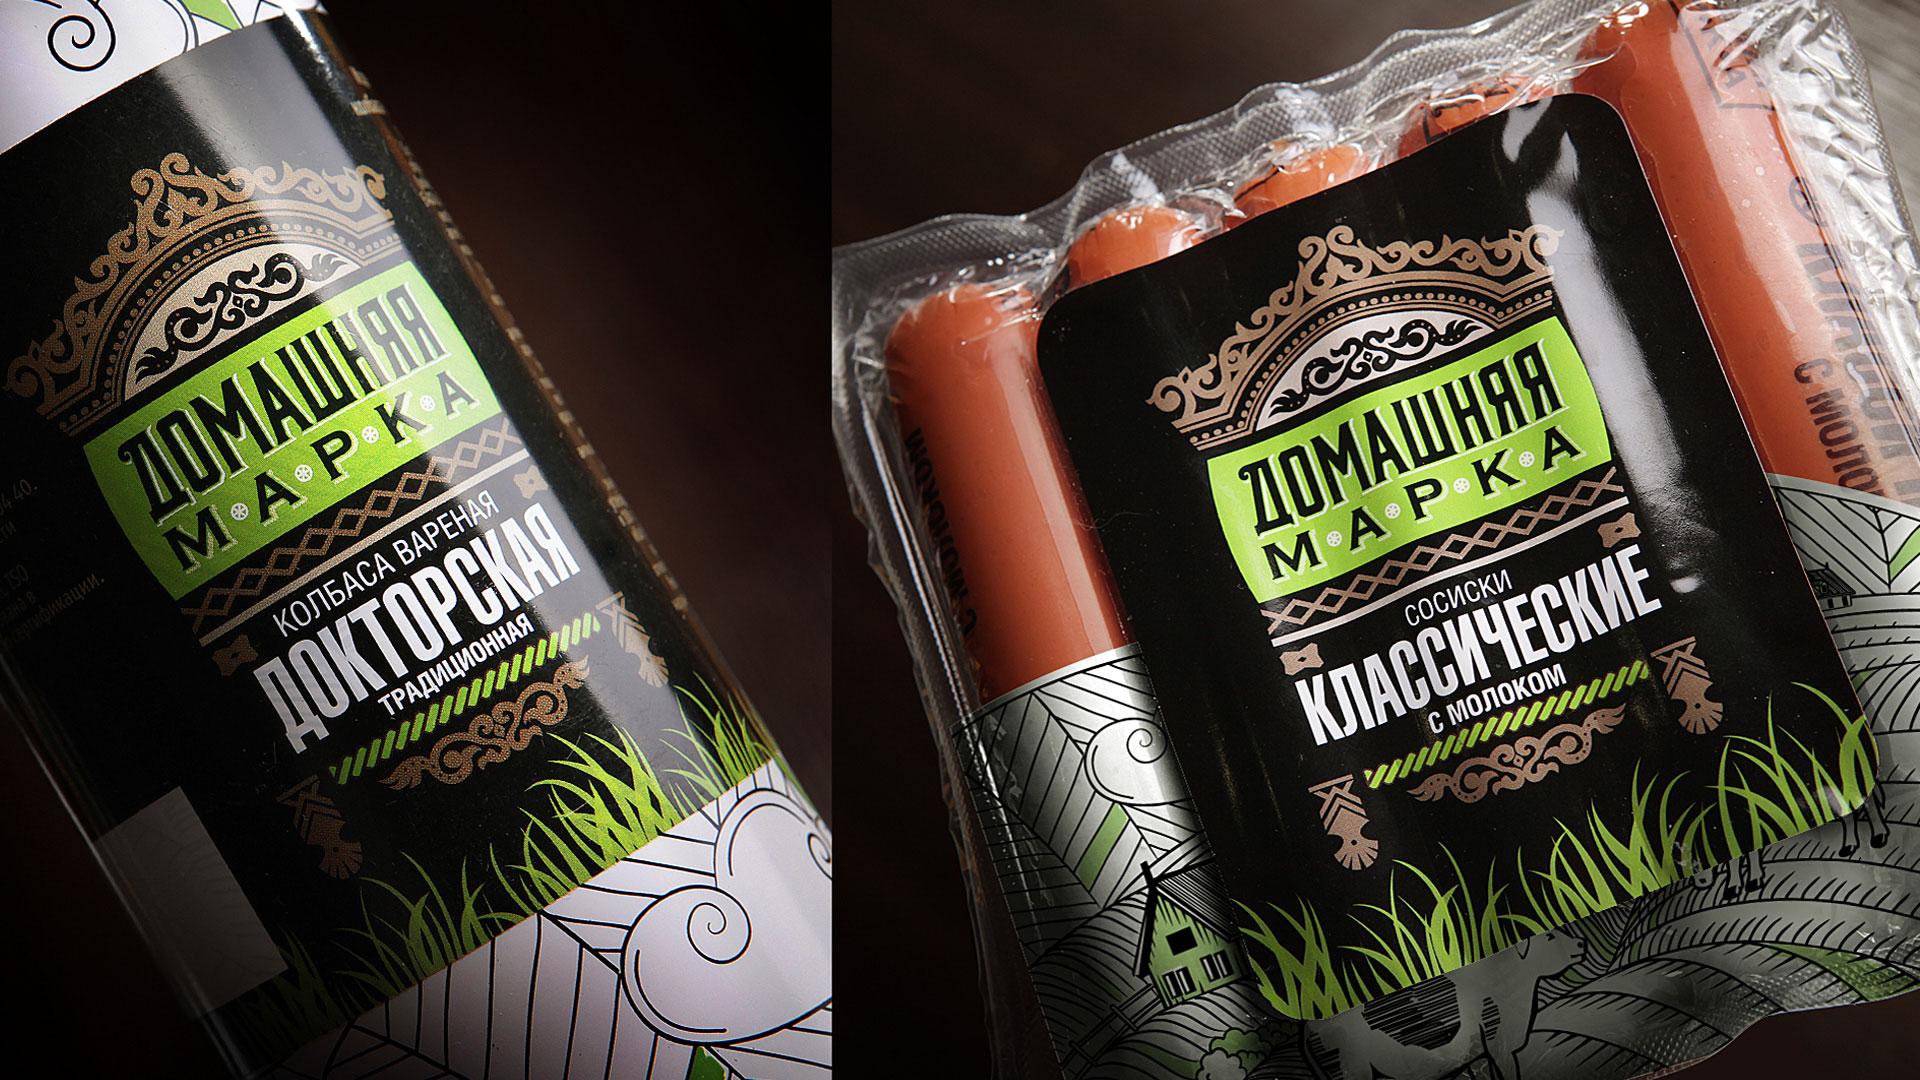 Дизайн упаковки классических сосисок Домашняя марка компании Ромкор